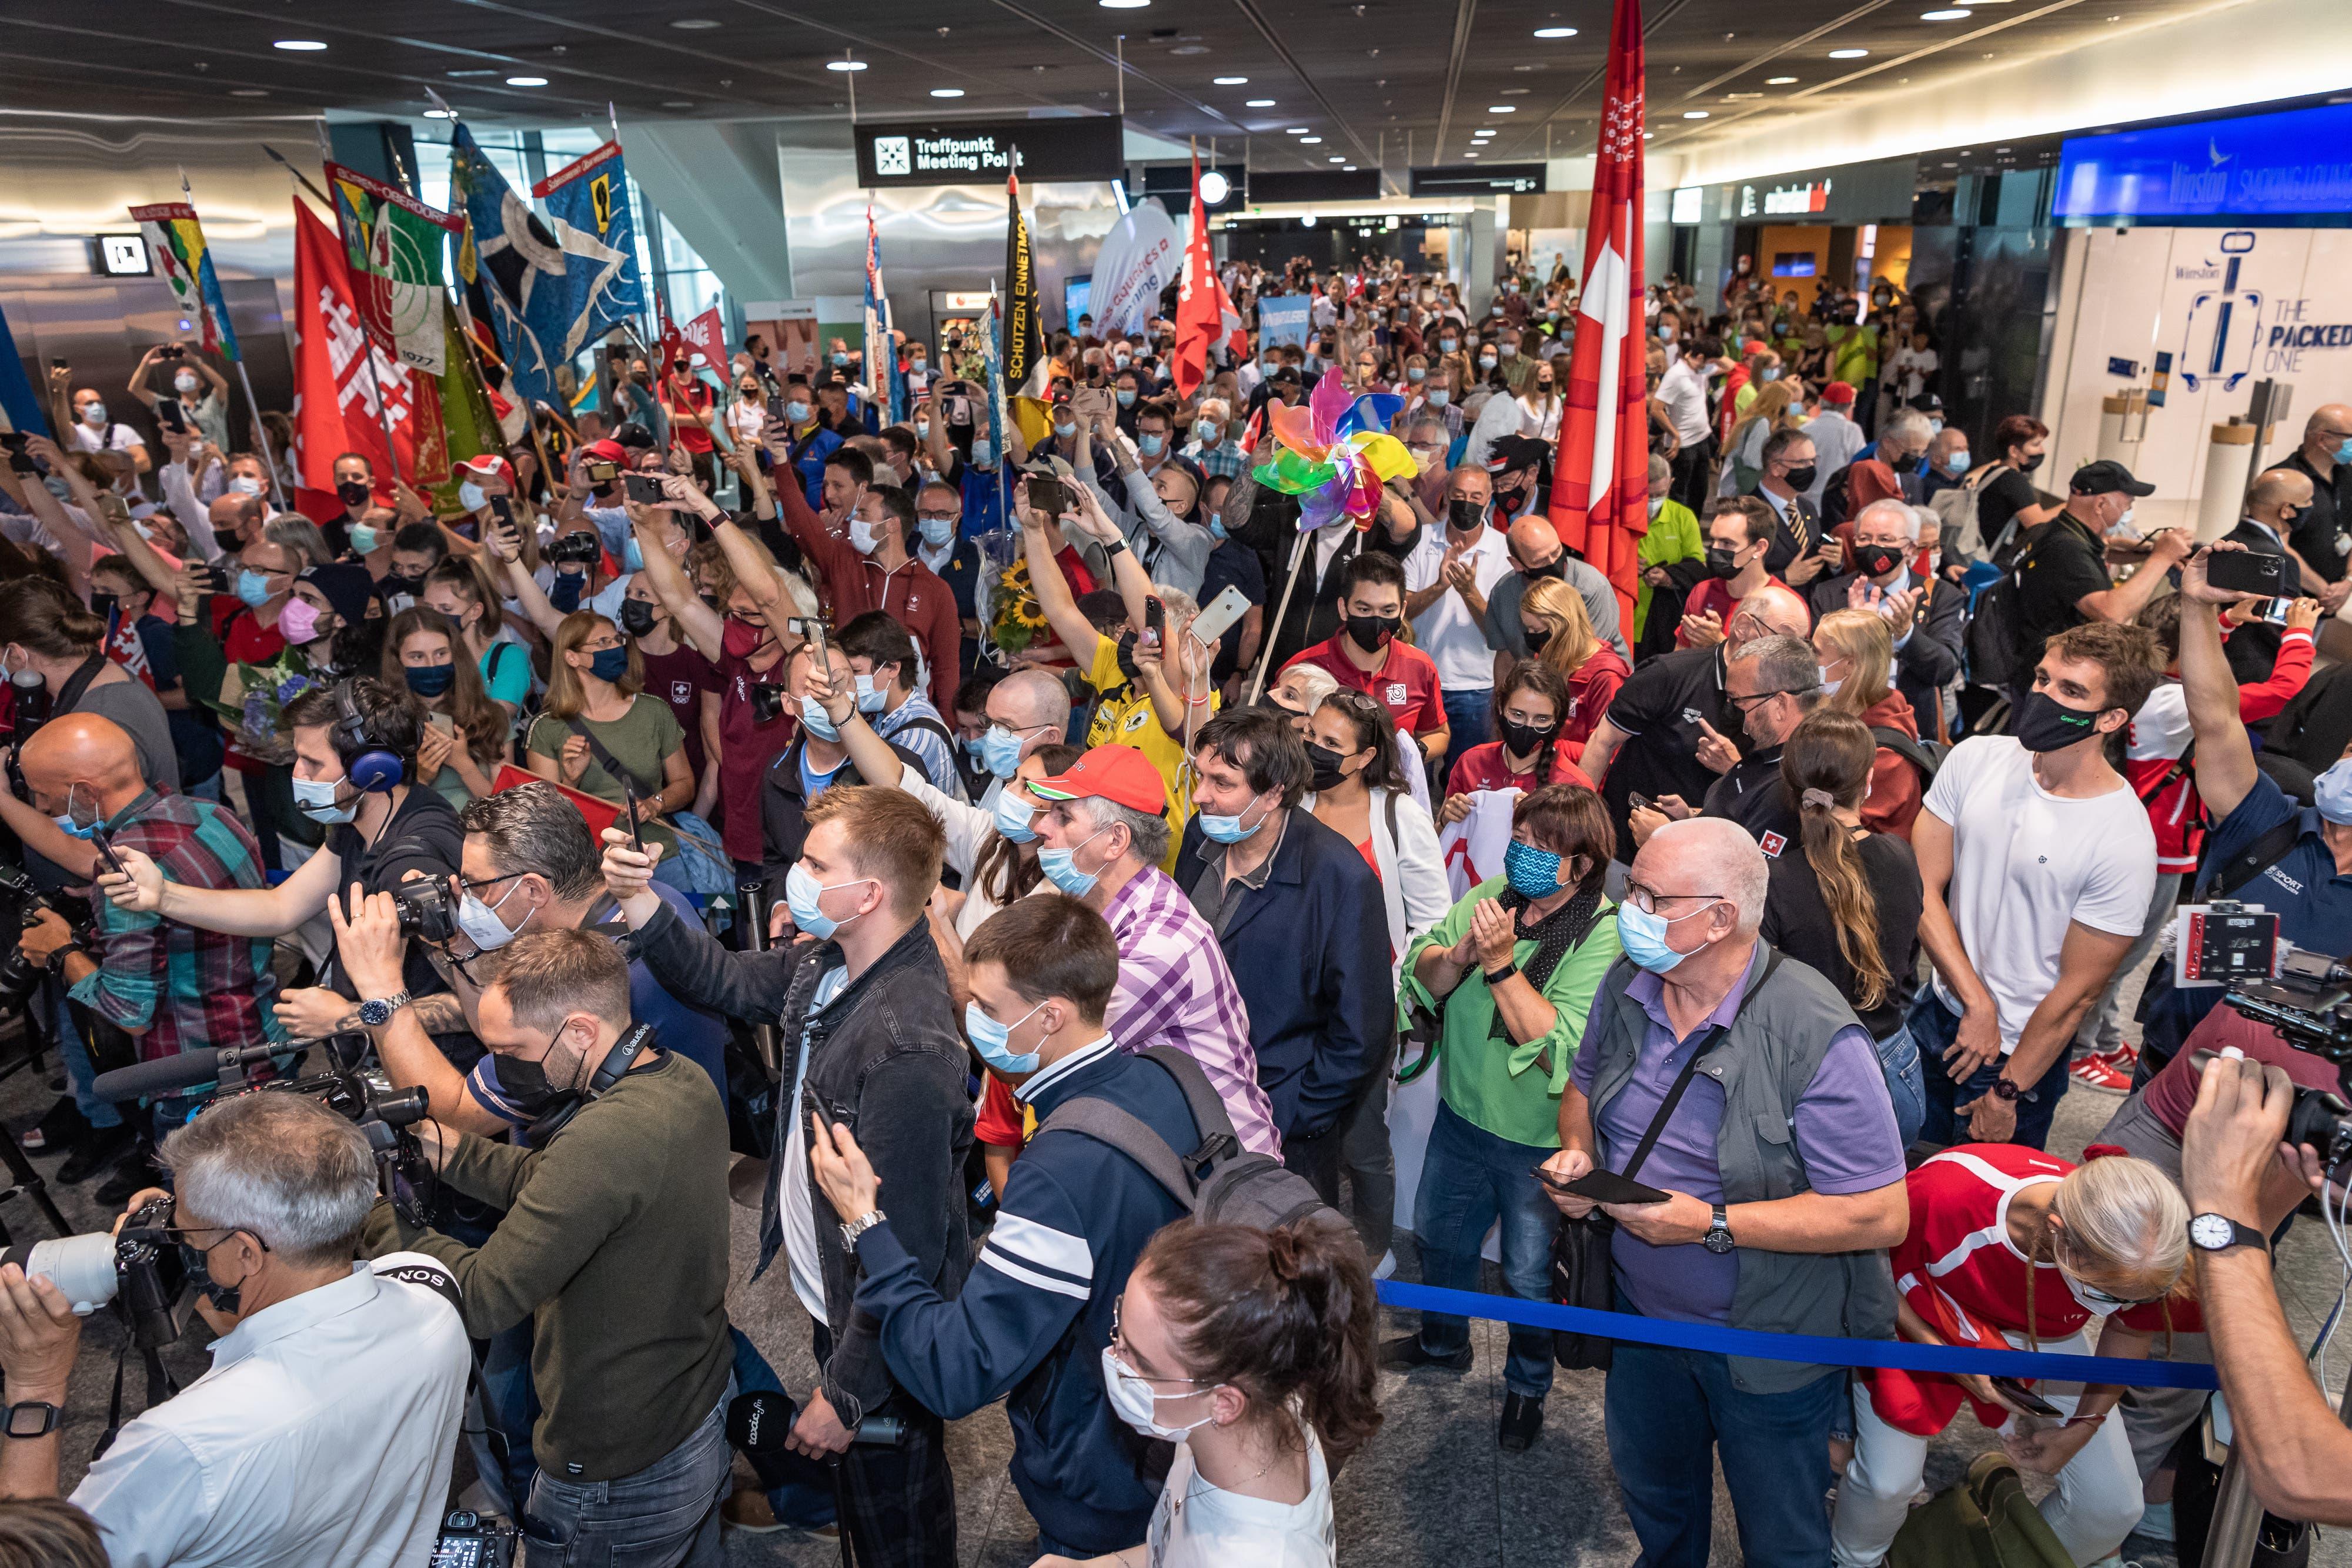 Viele Fans versammelten sich am Flughafen in Zürich.